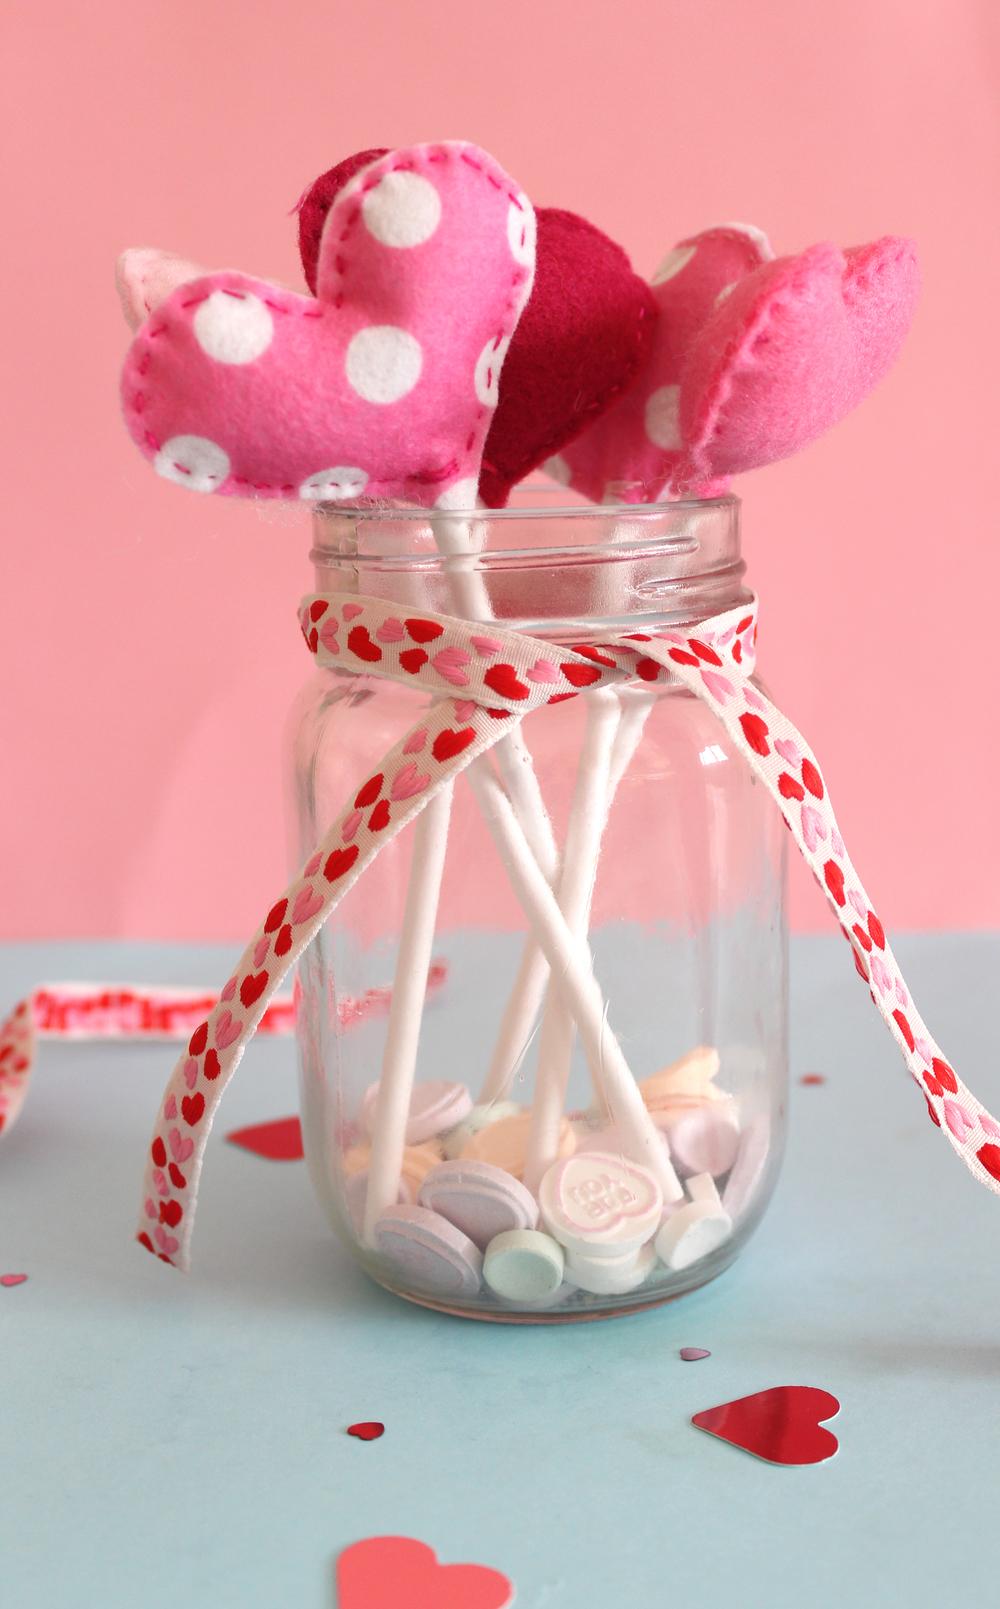 felt heart bouquet in jar